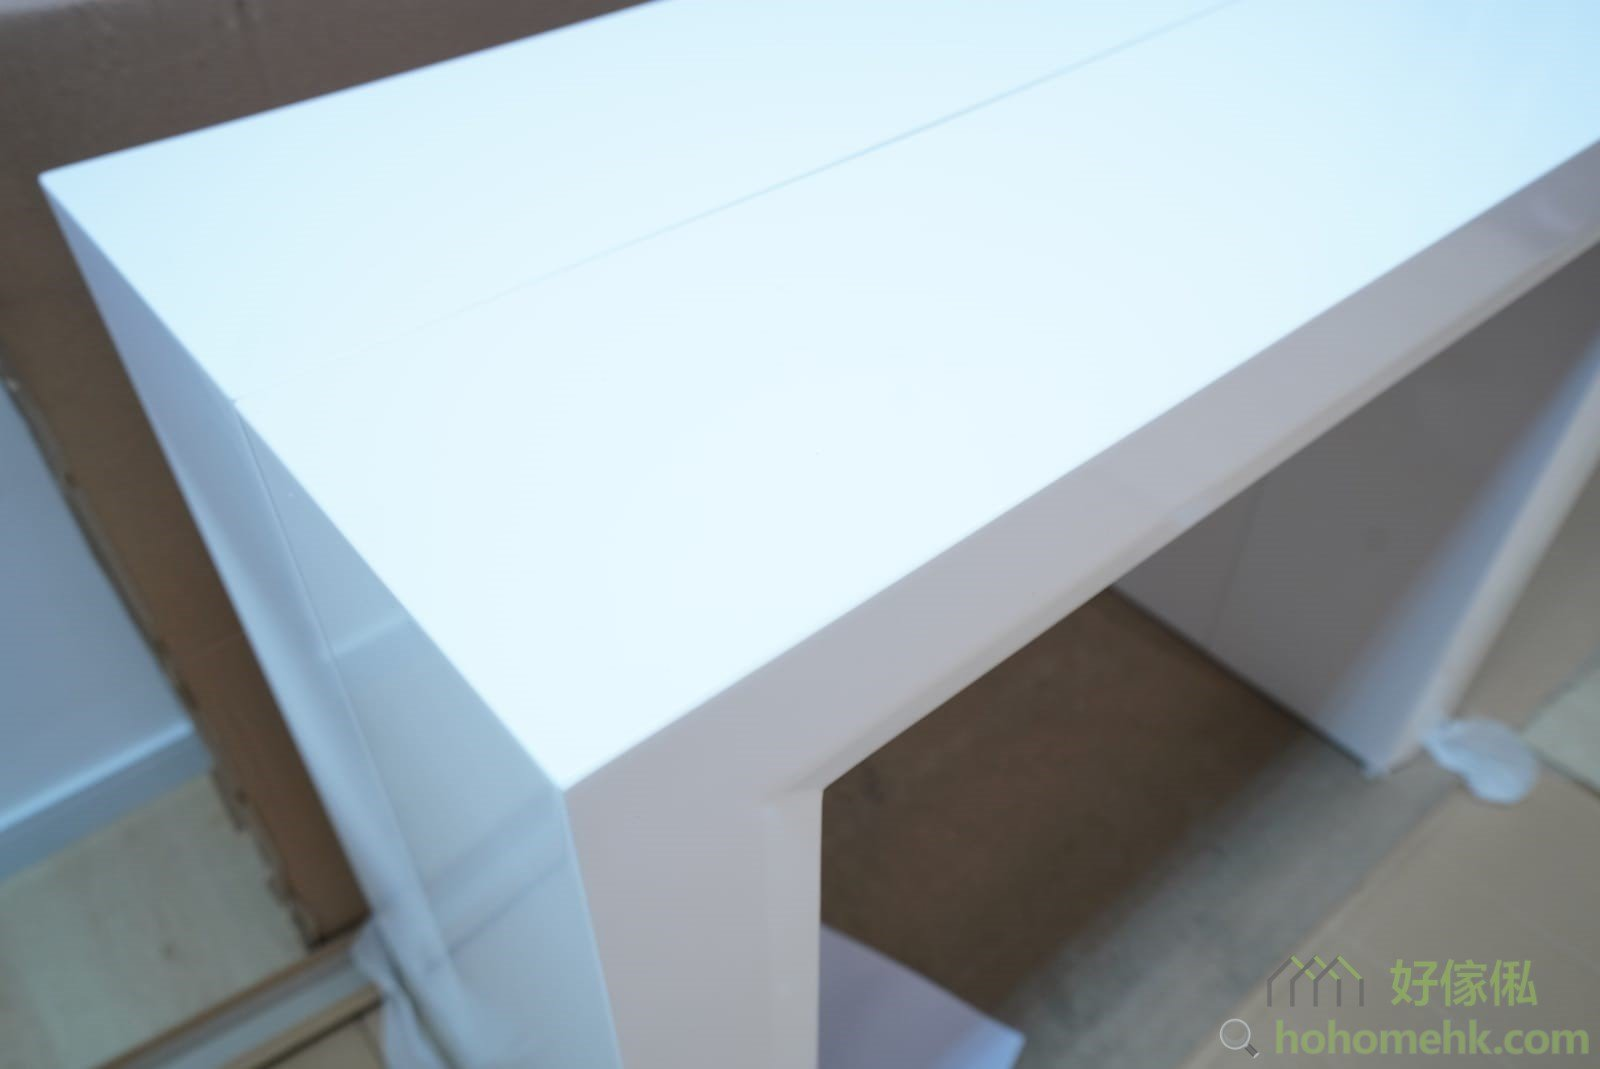 白色鋼琴漆伸縮餐桌的邊角位